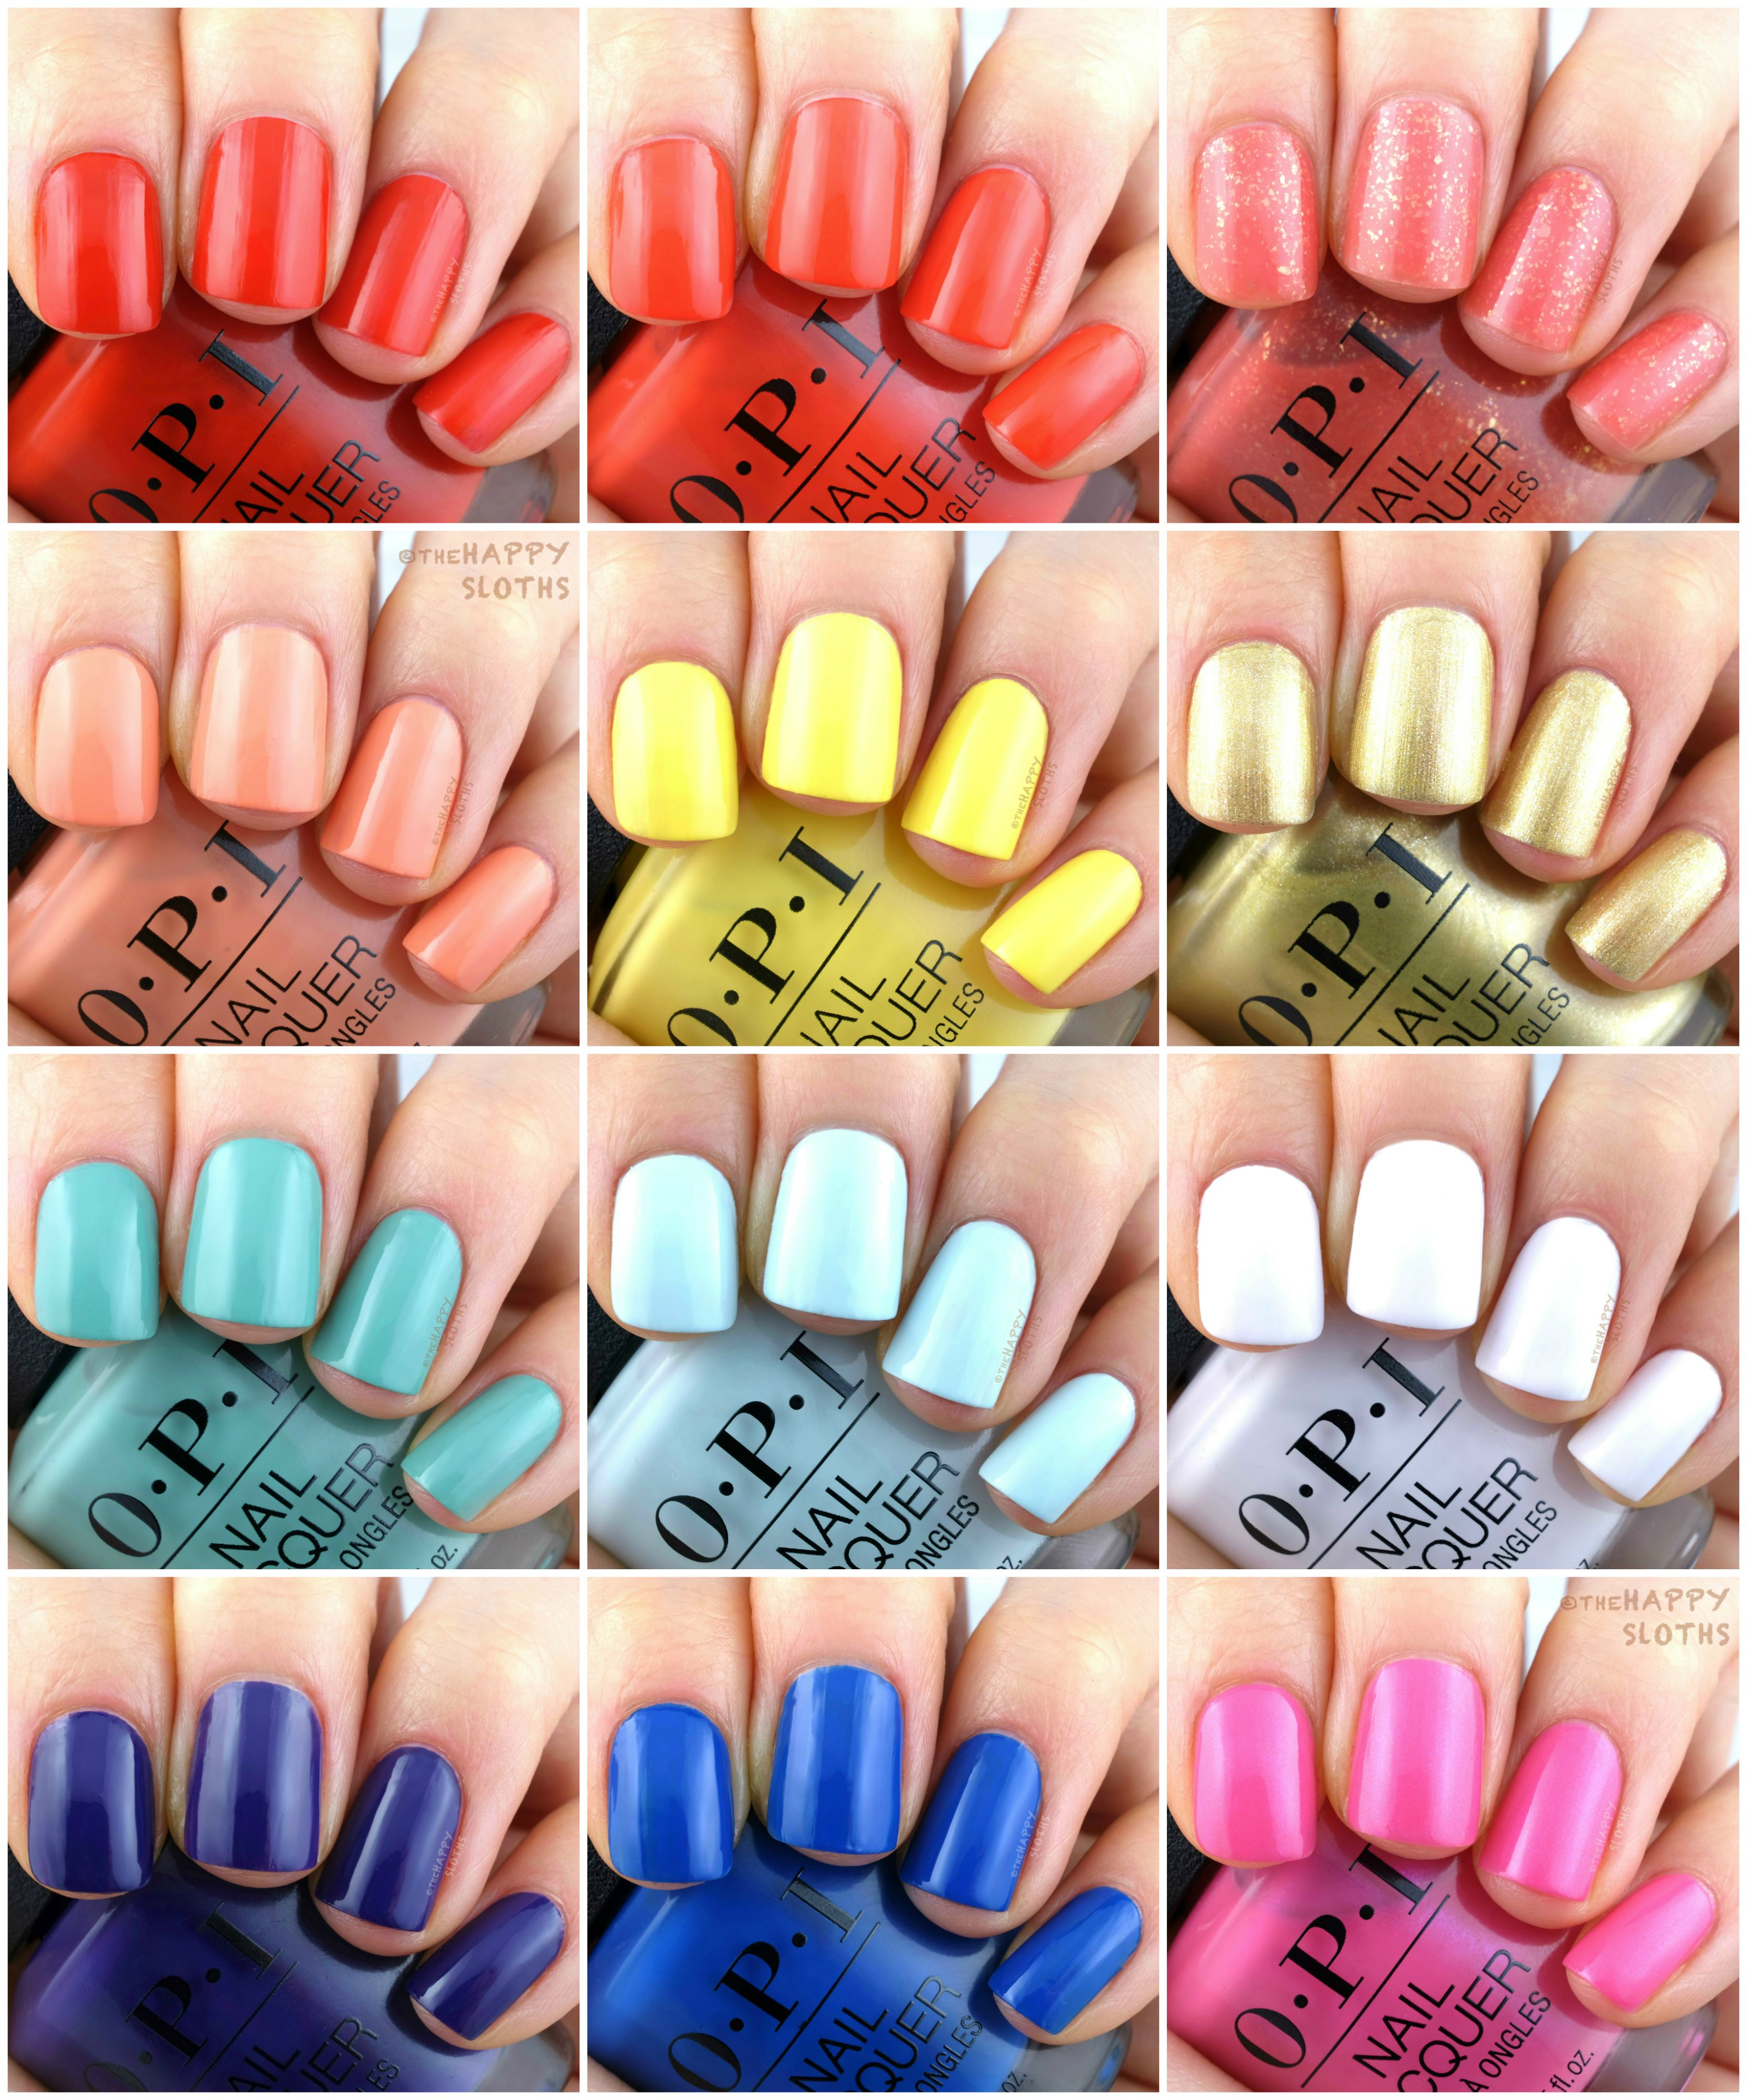 Opi In 2020 Opi Gel Nails Opi Nail Colors Spring Nail Polish